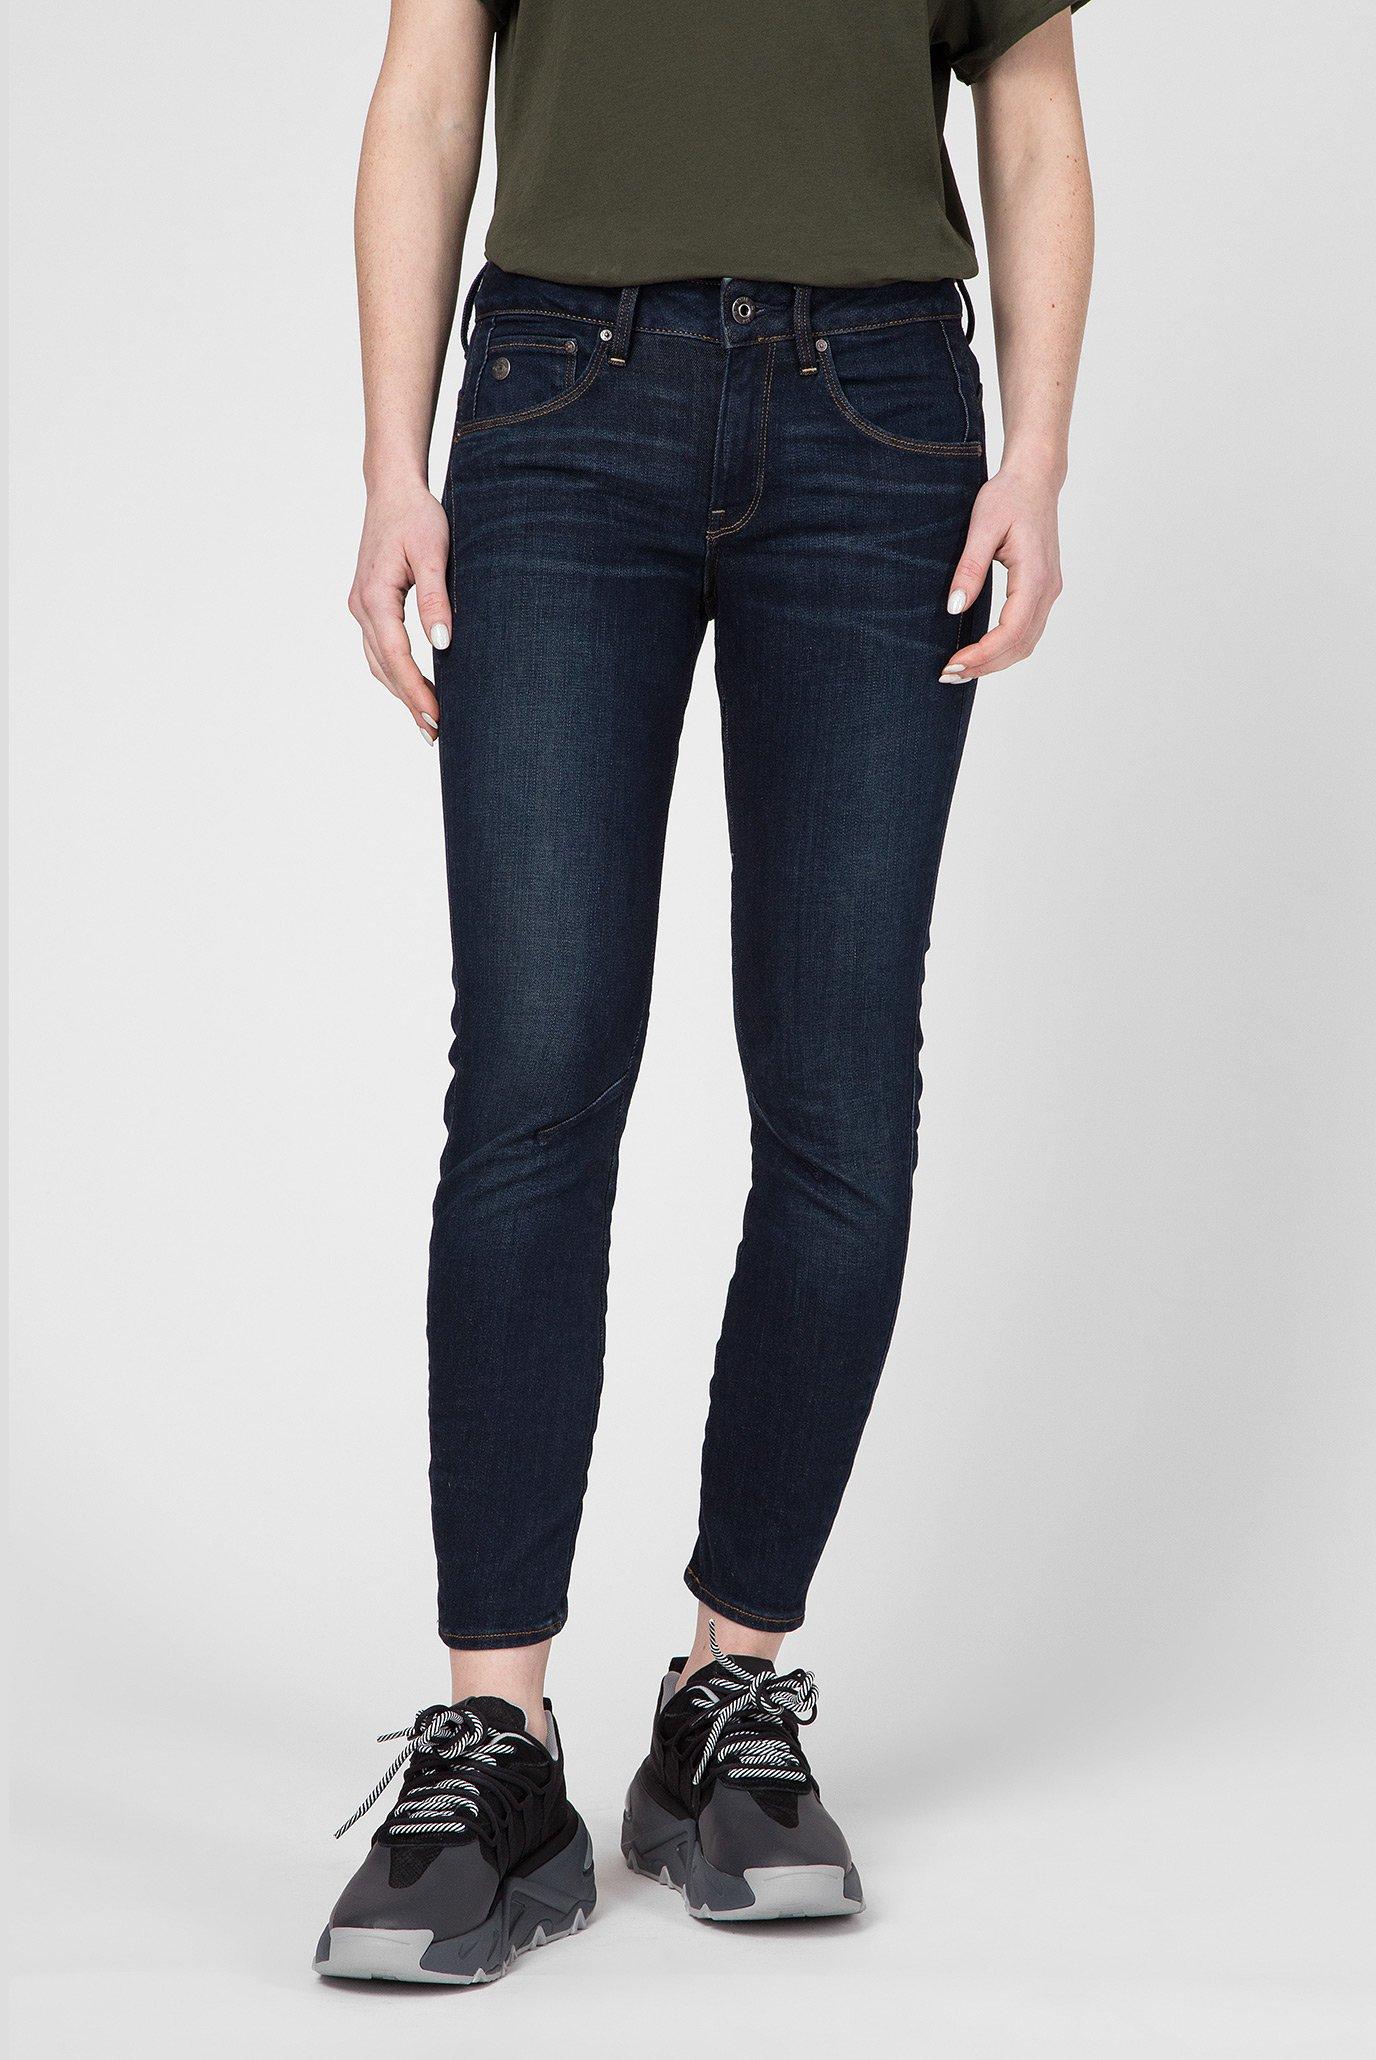 Жіночі темно-сині джинси Arc 3D Mid Skinny Wmn 1